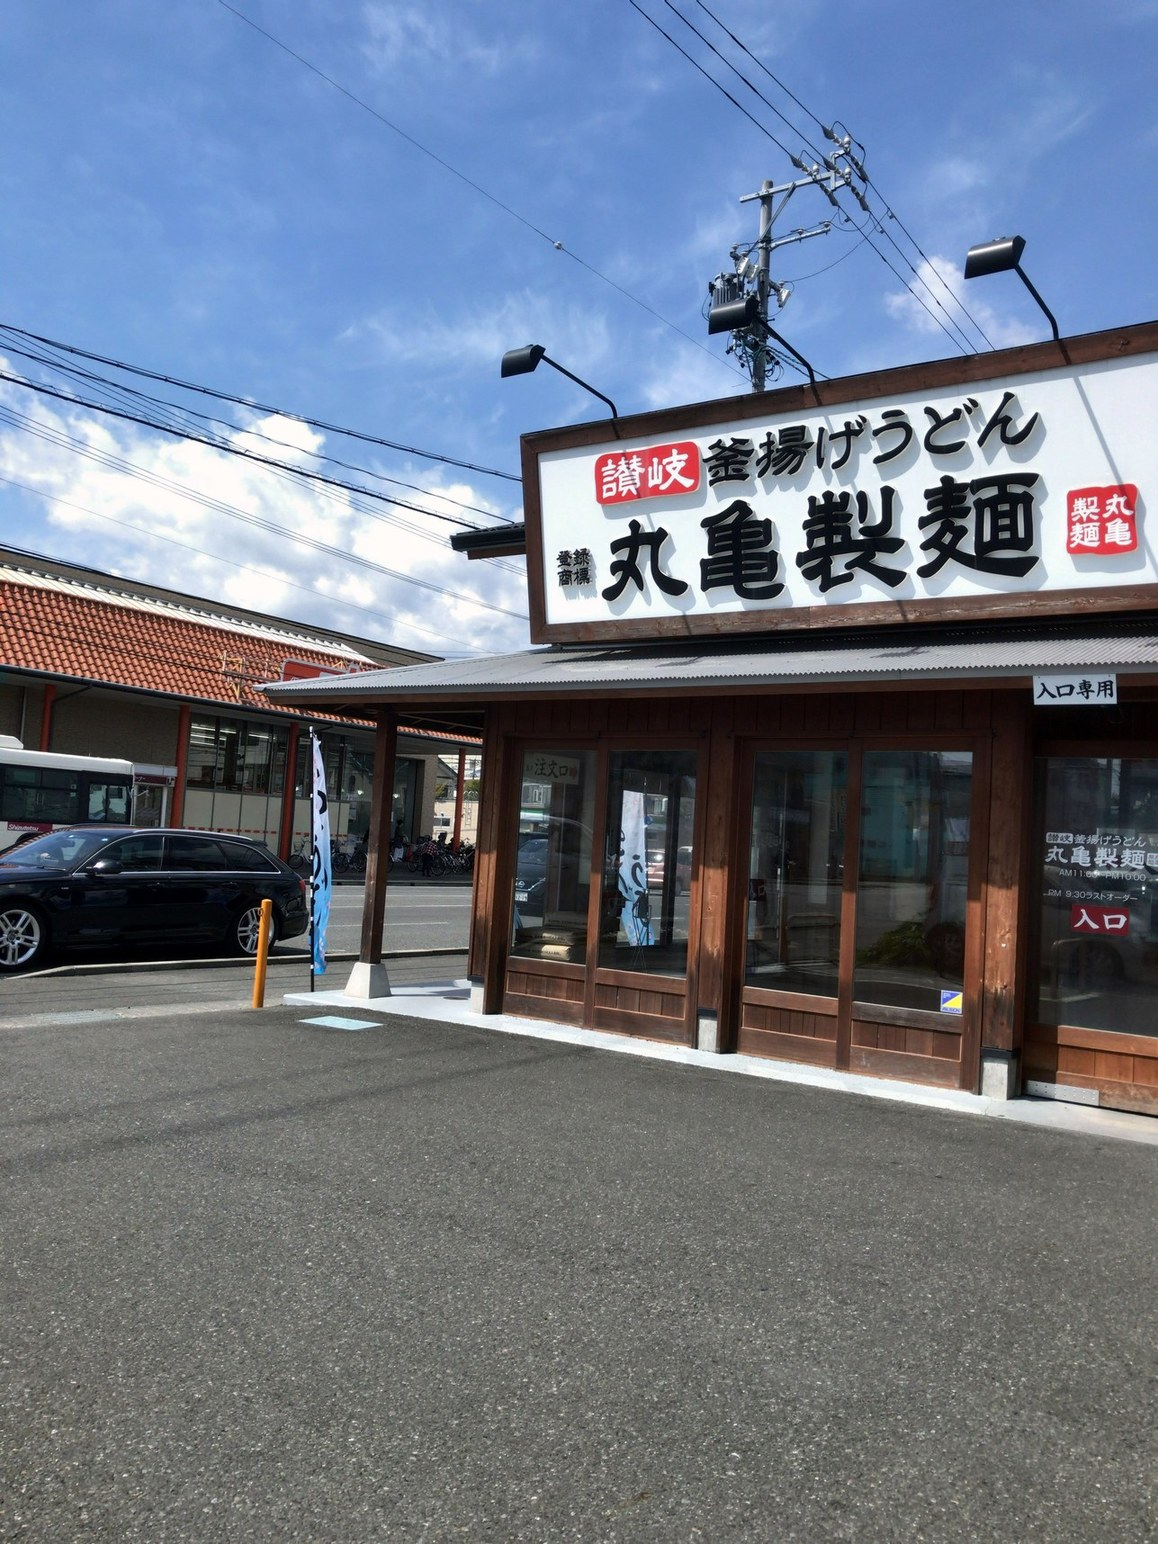 丸亀製麺 静岡城北店 name=